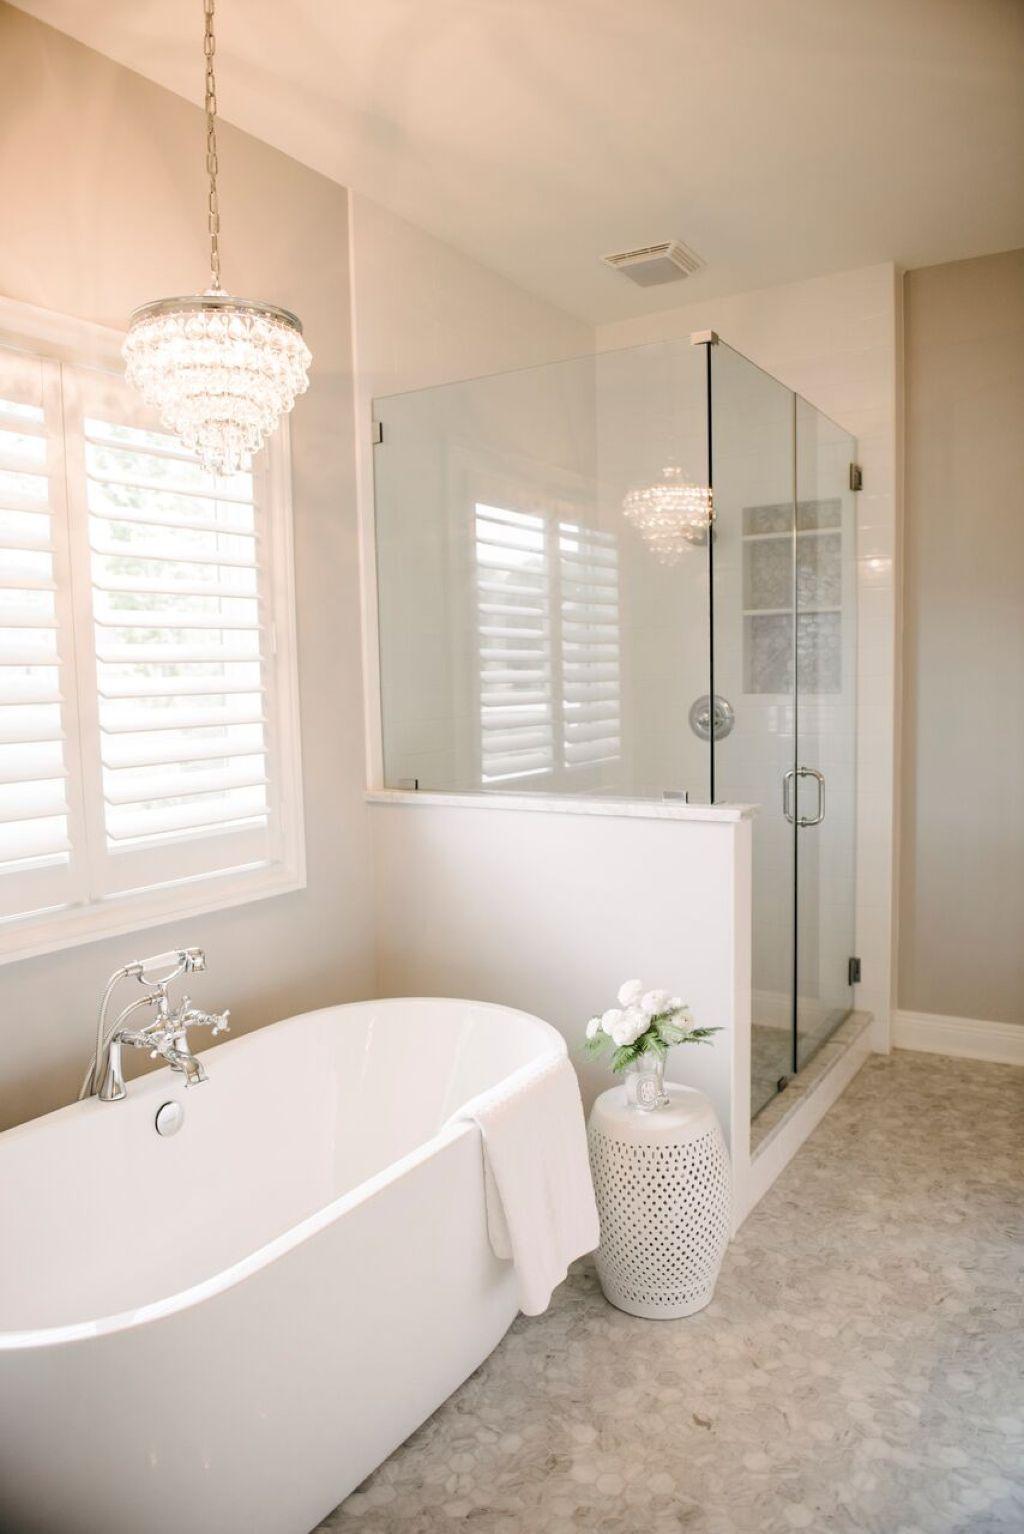 34 Awesome Master Bathroom Remodel Ideas | Master bathrooms, Bath ...